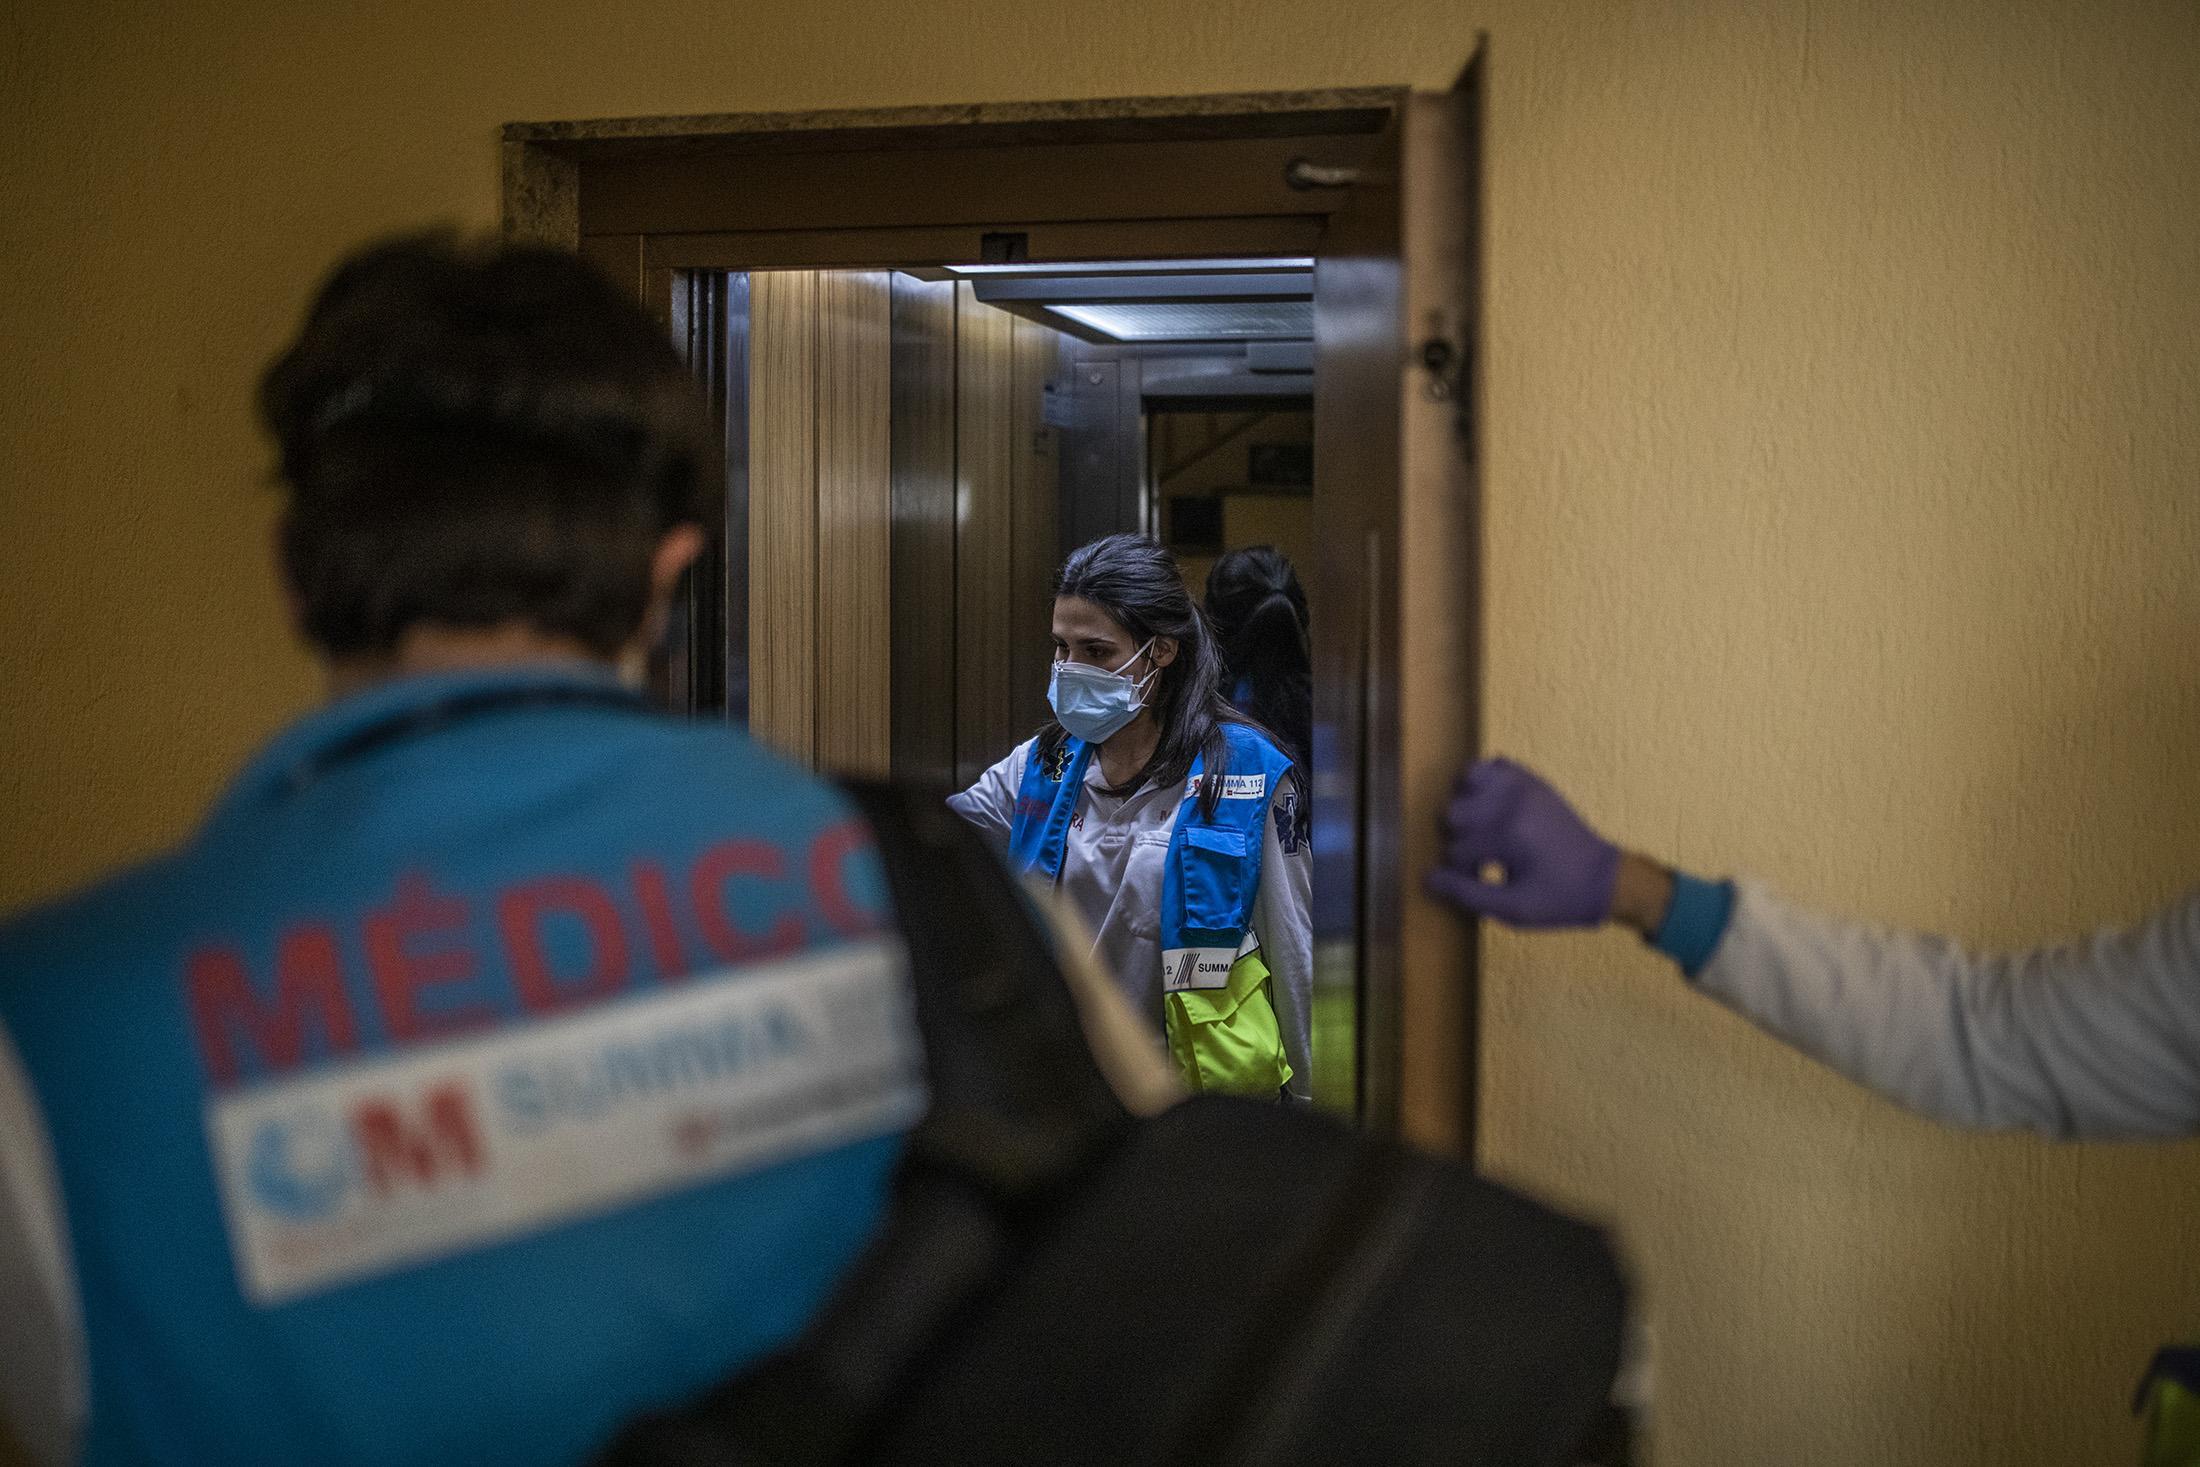 El equipo sanitario de la UVI-8 del Summa atiende a un paciente en su domicilio durante la pandemia del COVID-19 en Madrid. El personal del SUMMA sigue atiende a los pacientes con un nuevo protocolo desde el inicio de la pandemia